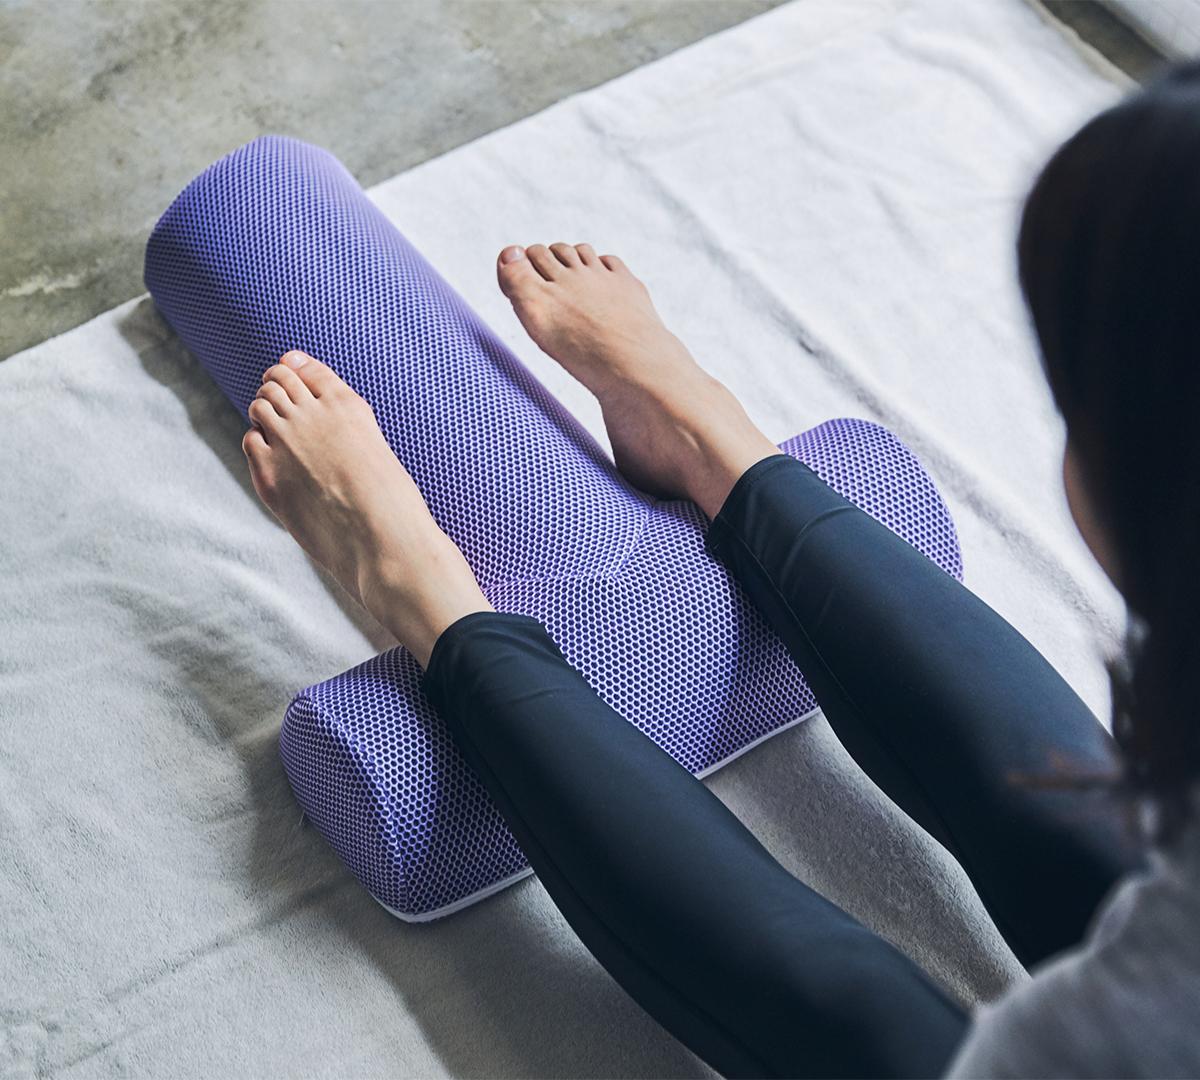 脚|手軽に3ヵ所の筋肉(大胸筋・腹直筋・大腰筋)を的確にストレッチできる、考え抜かれたデザイン。予約殺到「ソリデンテ南青山」サロンの技を自宅で体感できる「ストレッチ枕」|ミオドレ式寝るだけストレッチ枕